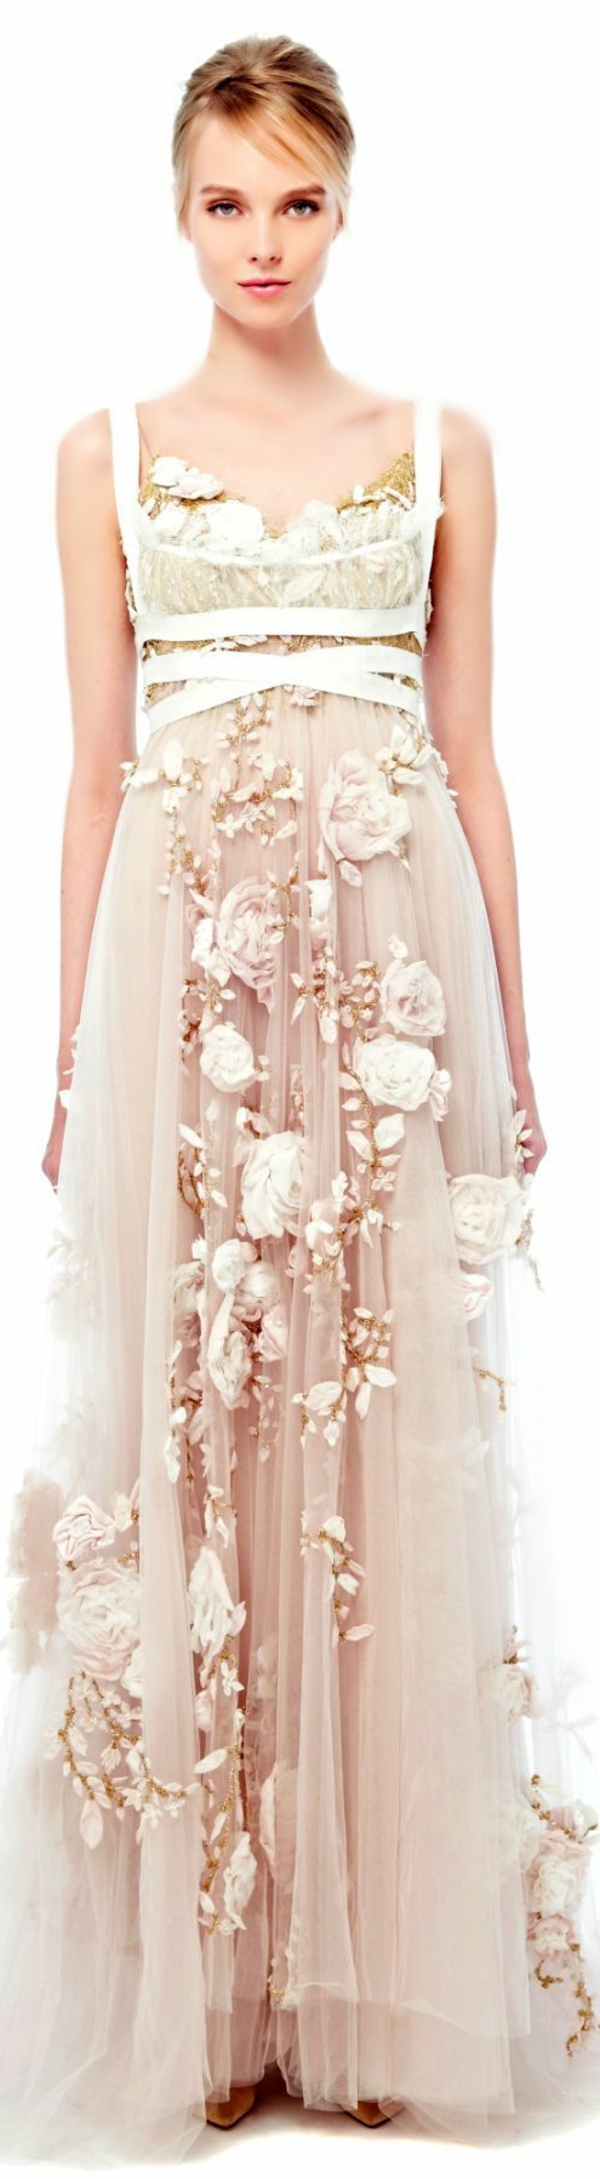 Robe-rose-de-mariée-élégante-fleurs